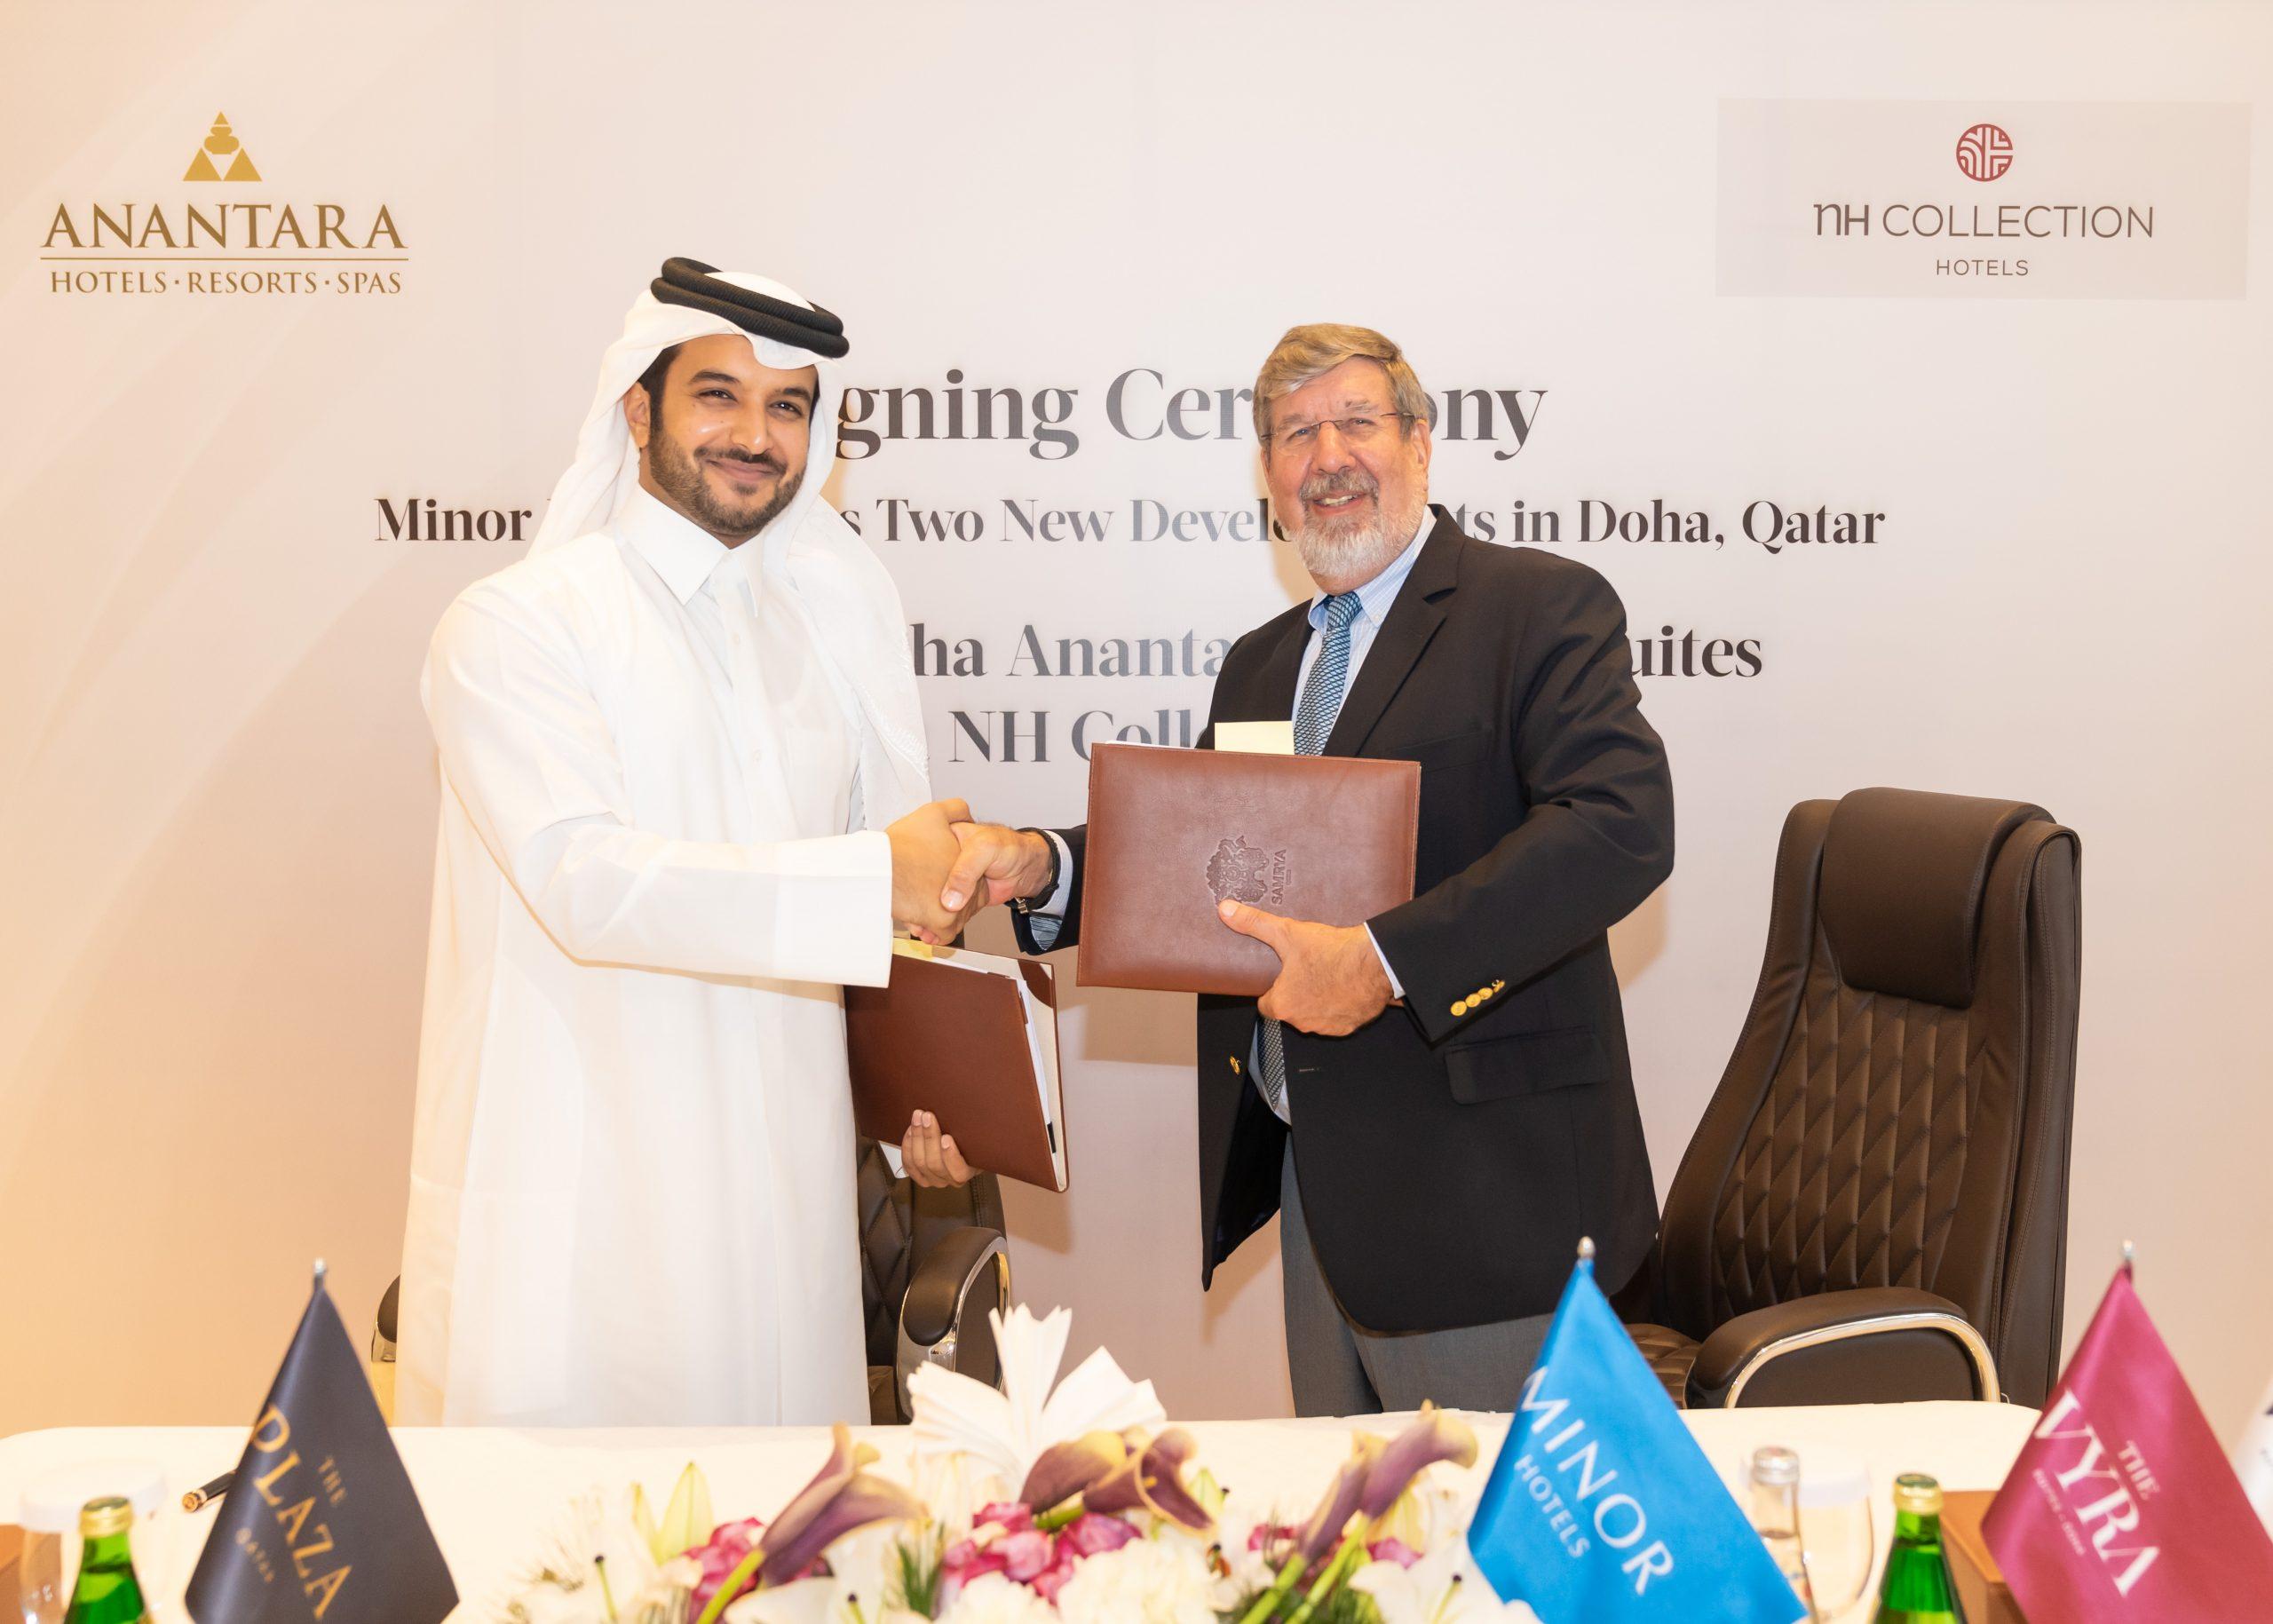 Minor Hotels anuncia la firma de dos nuevas propiedades en Catar que serán operadas bajo las marcas Anantara y NH Collection